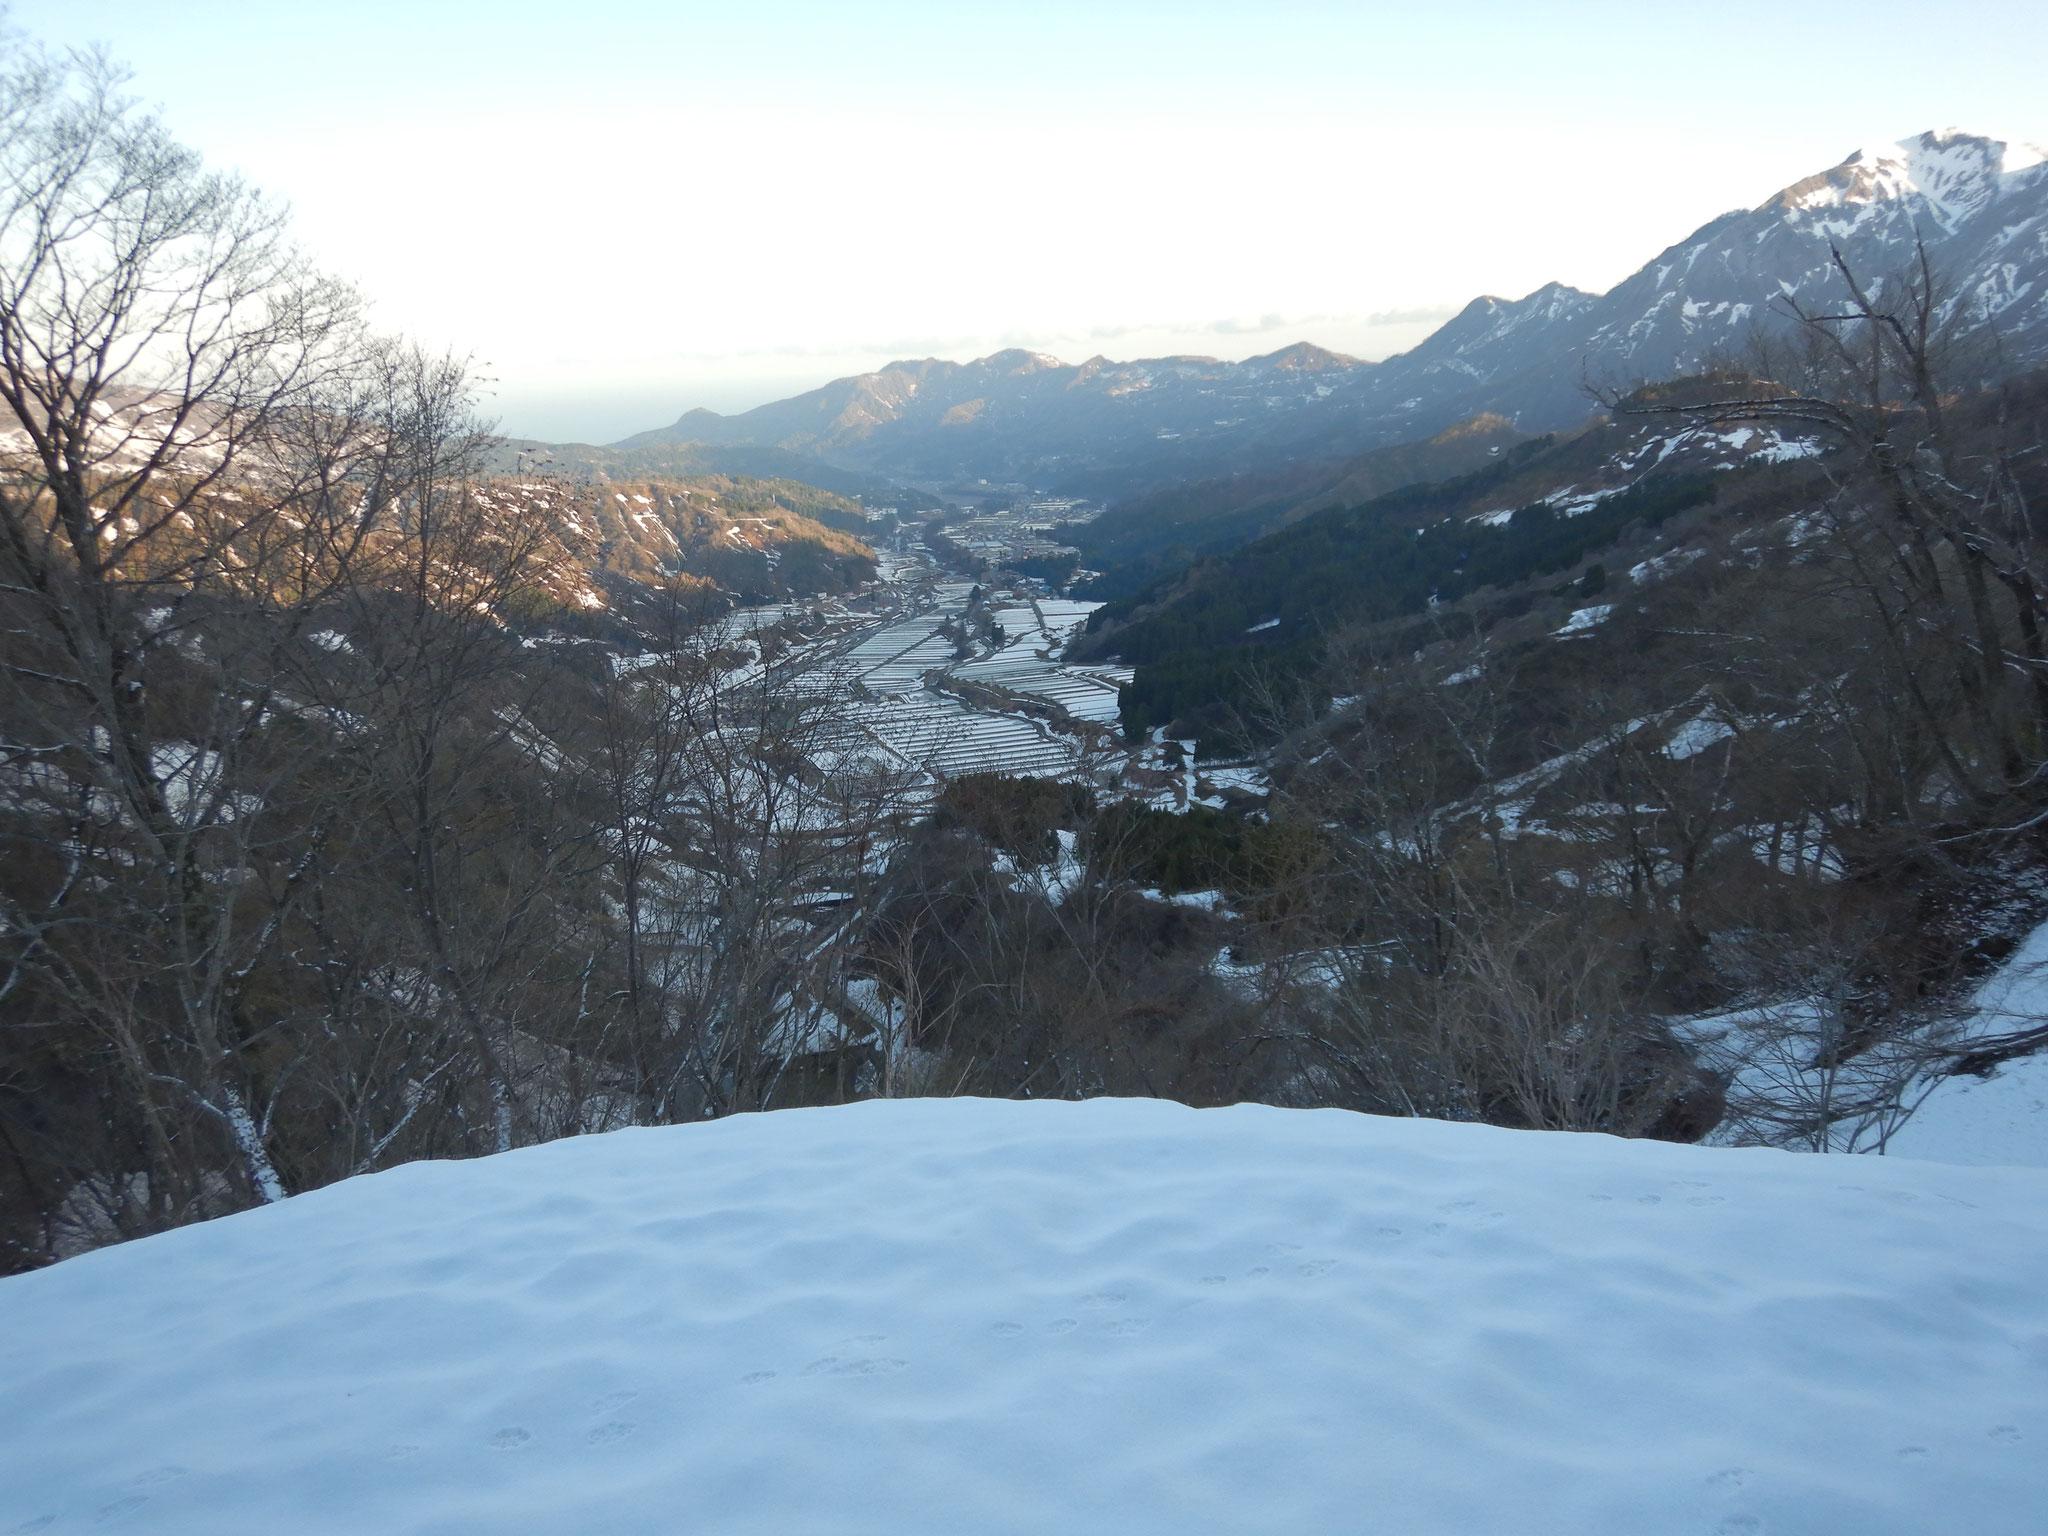 九十九折りを登り終えると笹倉温泉も夜が明けている